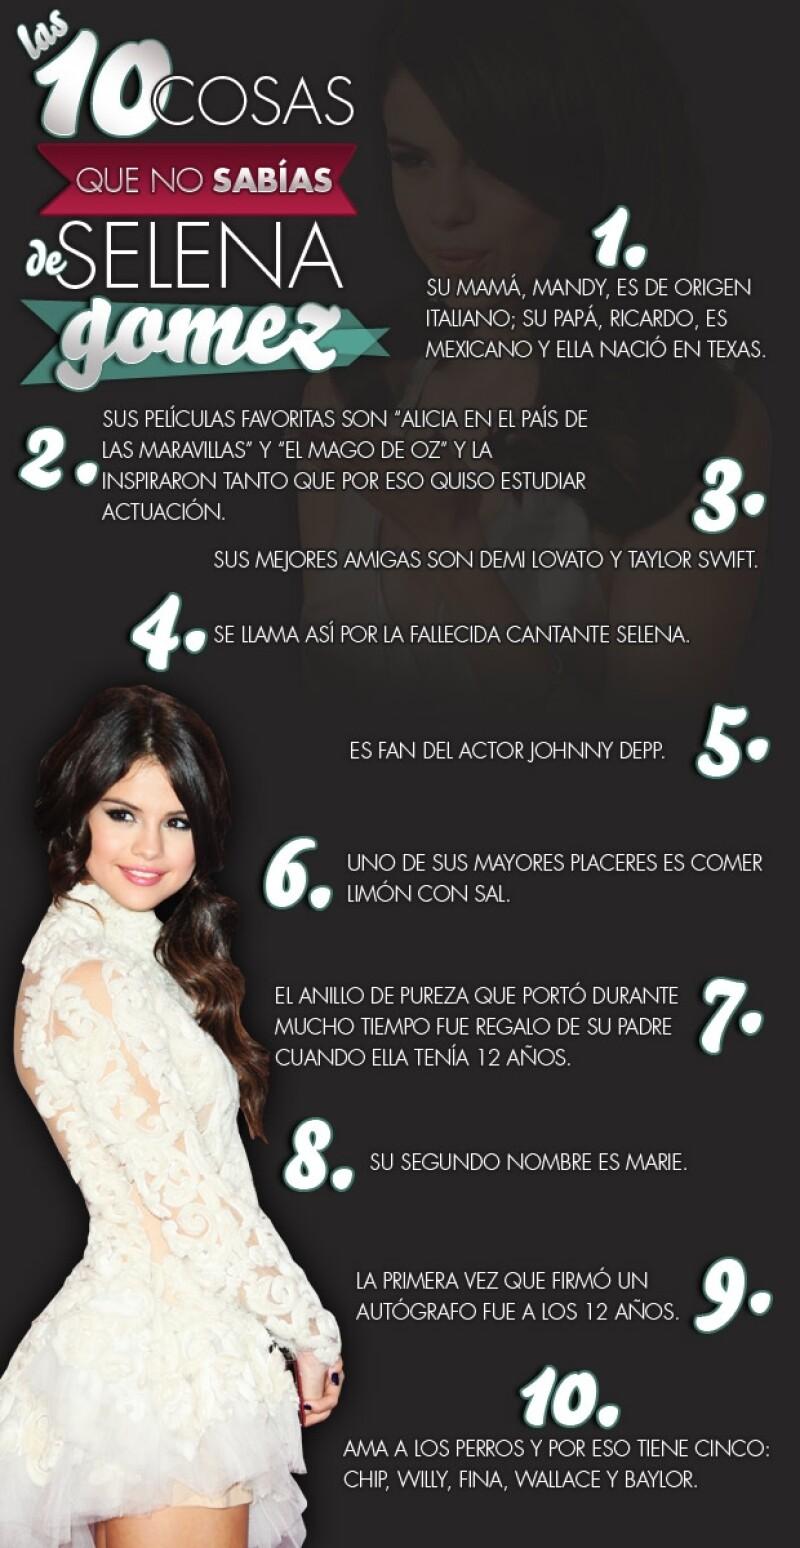 La cantante y novia de Justin Bieber, está en México desde la tarde de ayer. Aquí te decimos algunos detalles de la vida de la también actriz, de 19 años.